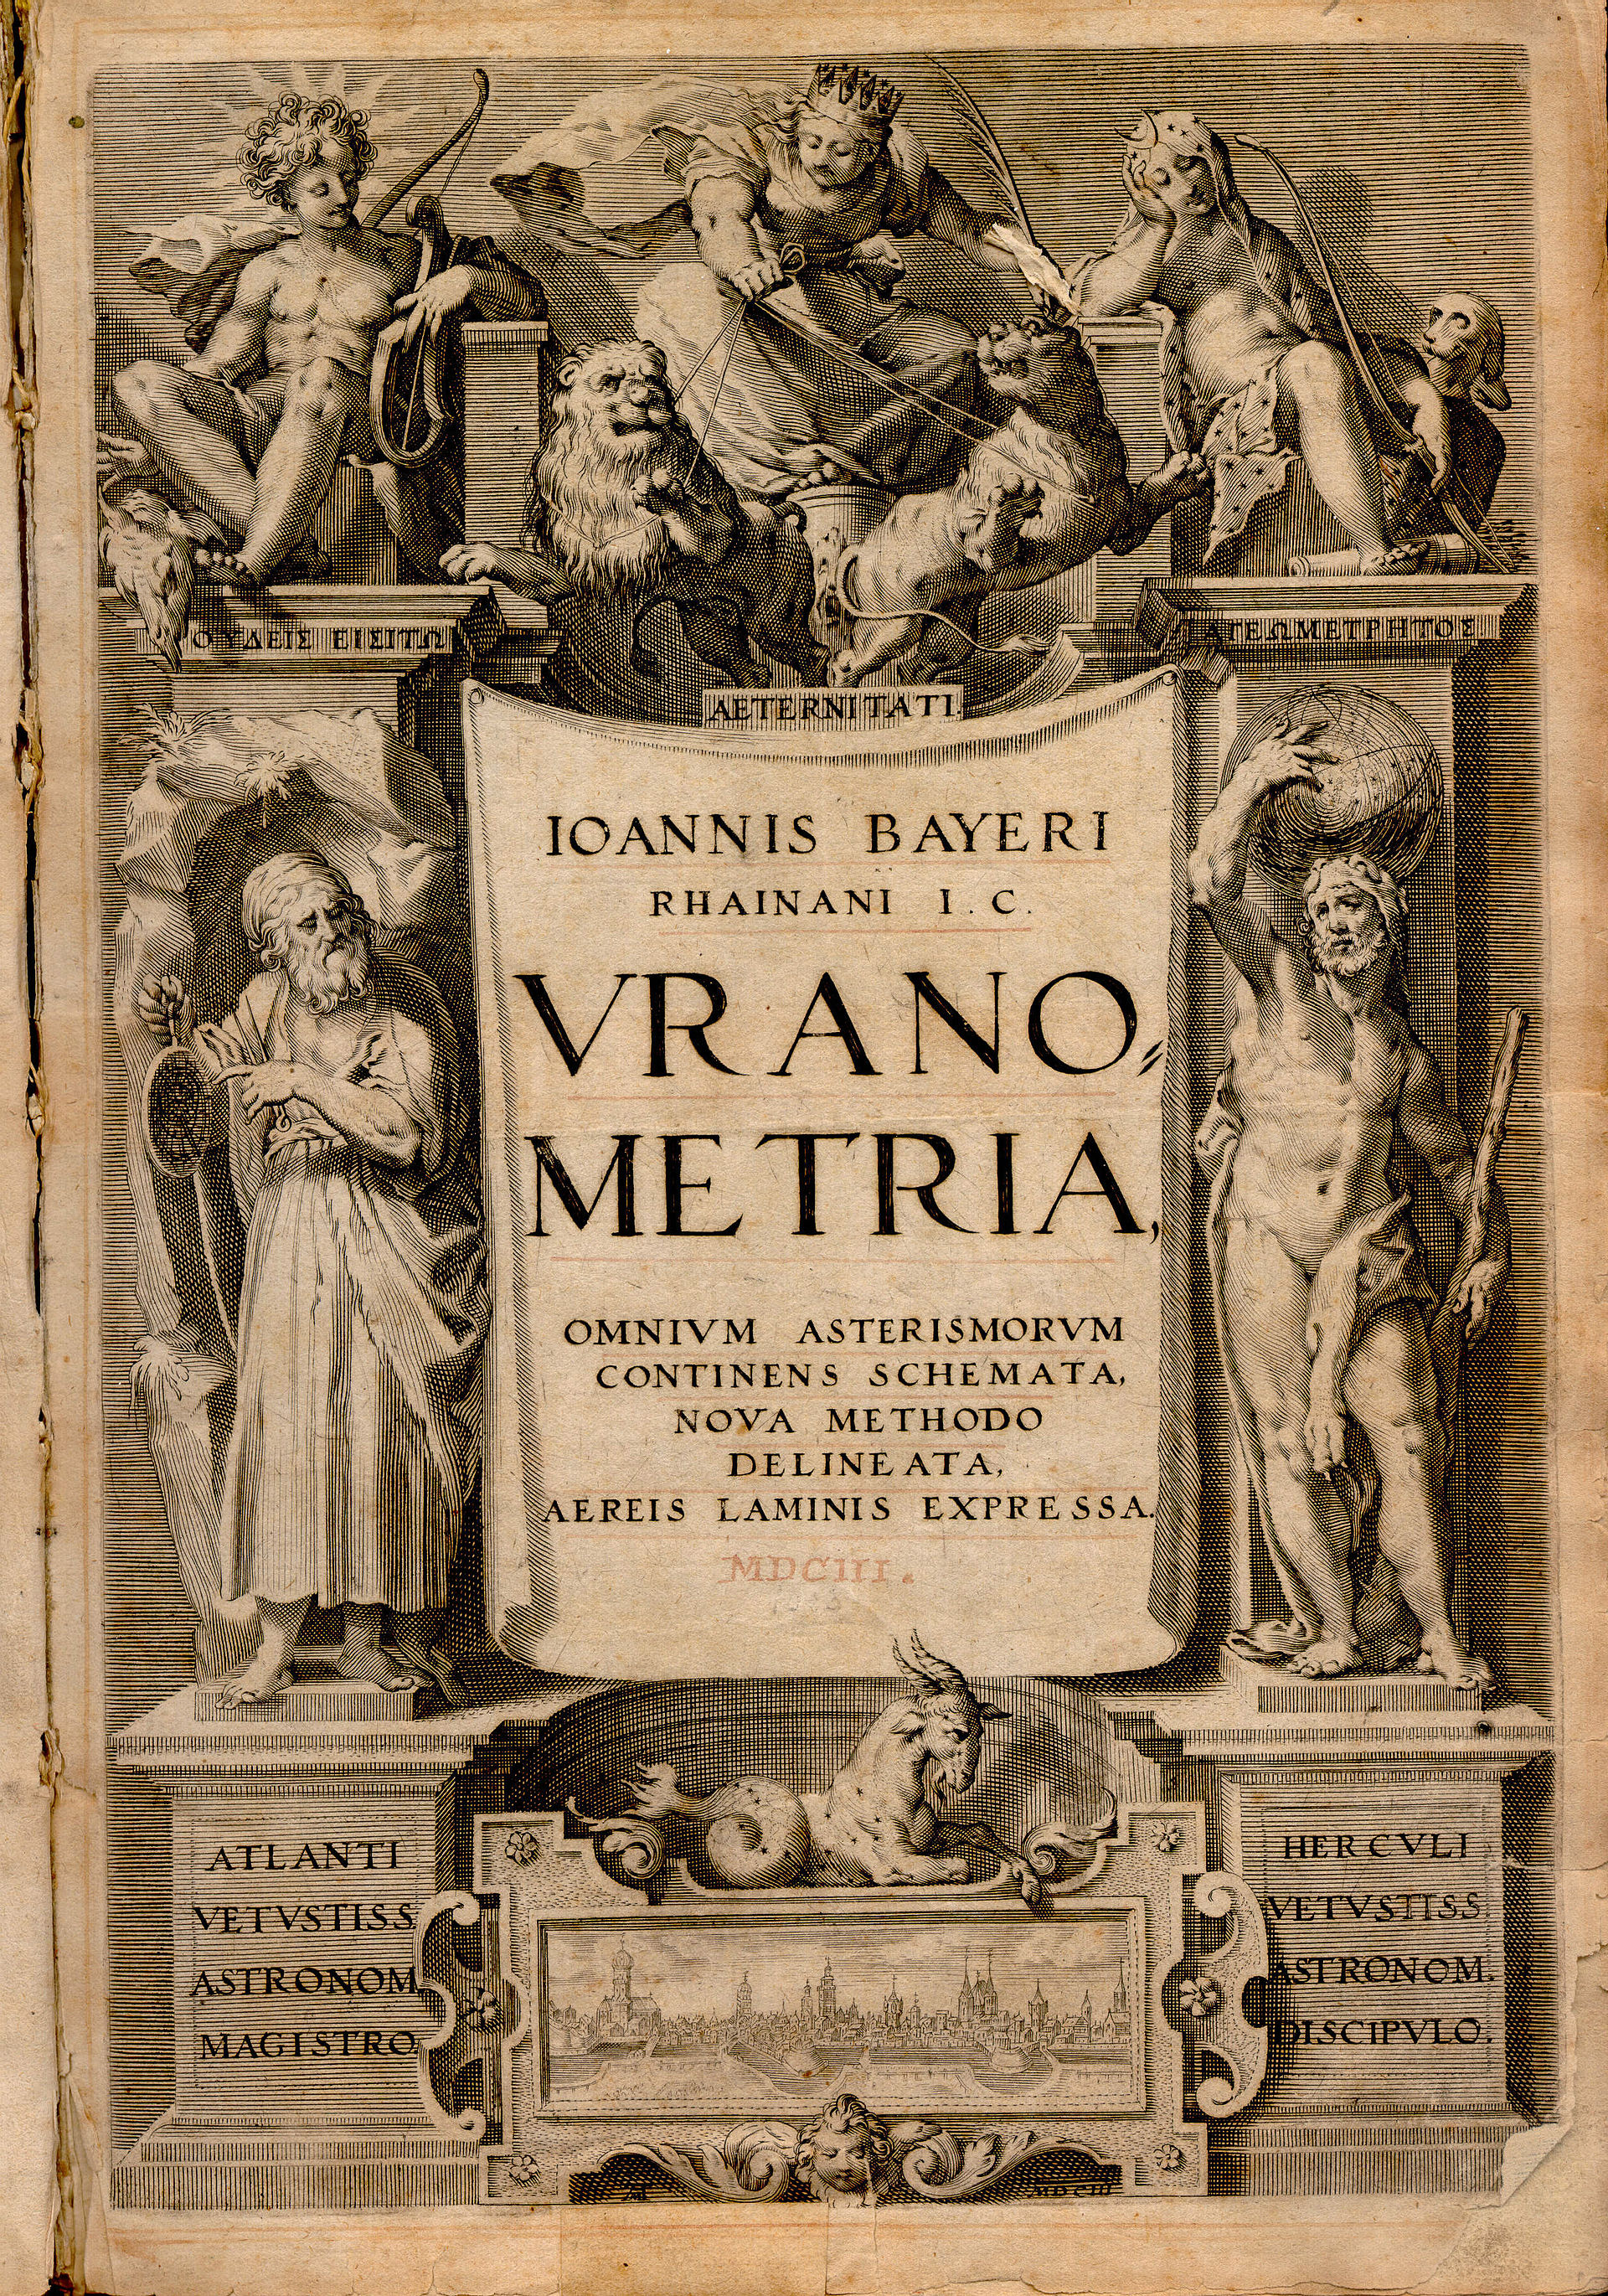 Uranometria_titlepage